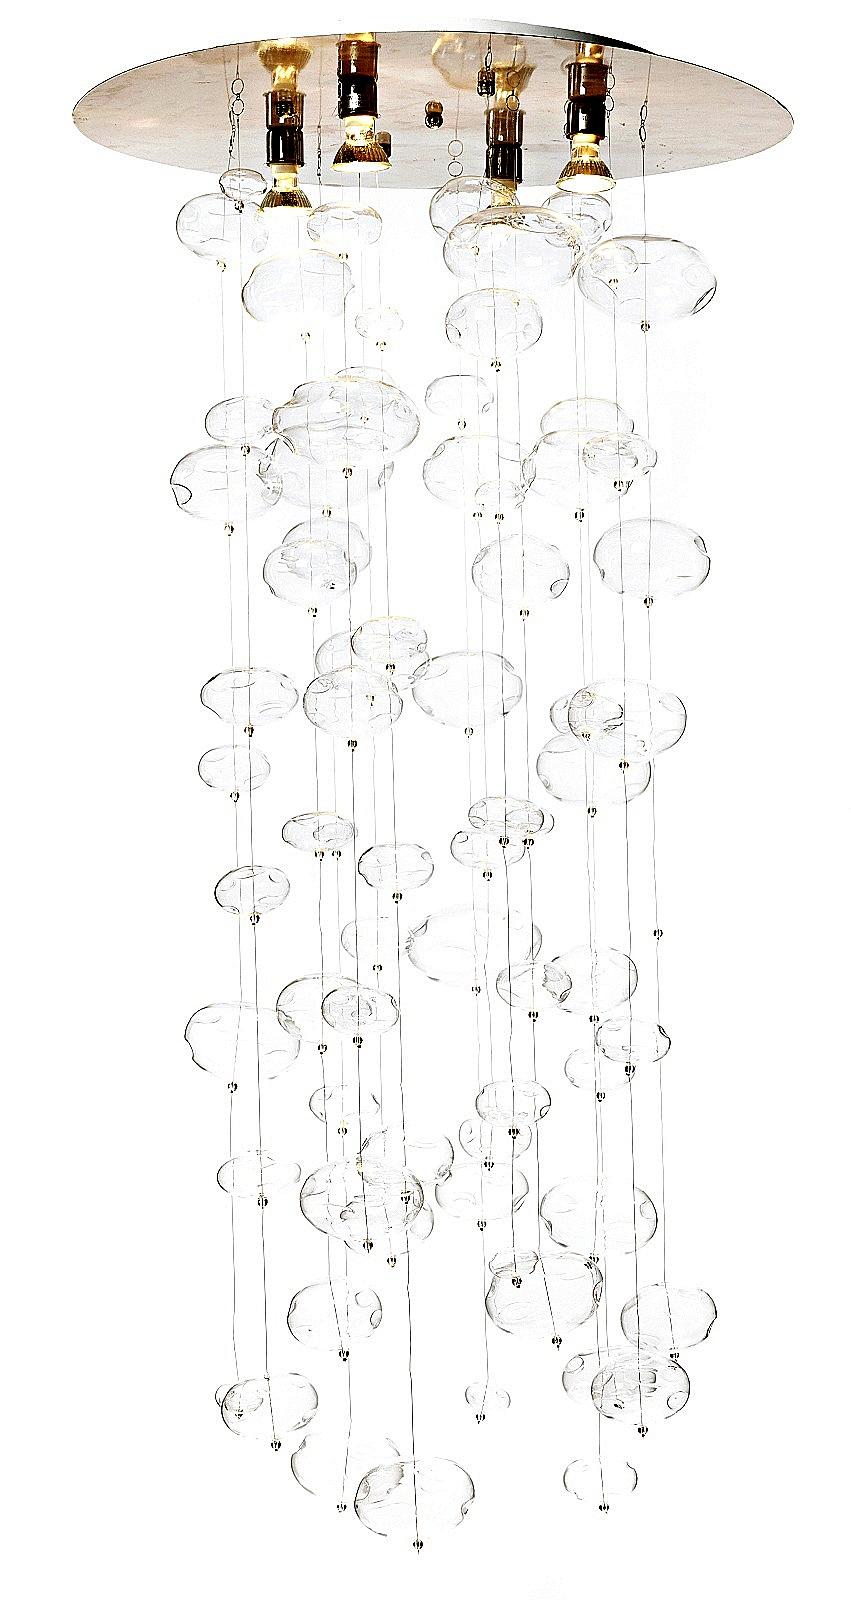 Подвесной светильник VortexПодвесные светильники<br>Стальное основание, стеклянные шарики. <br>Длина провода 80 см.<br><br>Цвет: прозрачный, серебро<br>Материал: Металл, Стекло<br>Вес кг: 3,3<br>Длина см: 60<br>Ширина см: 60<br>Высота см: 80